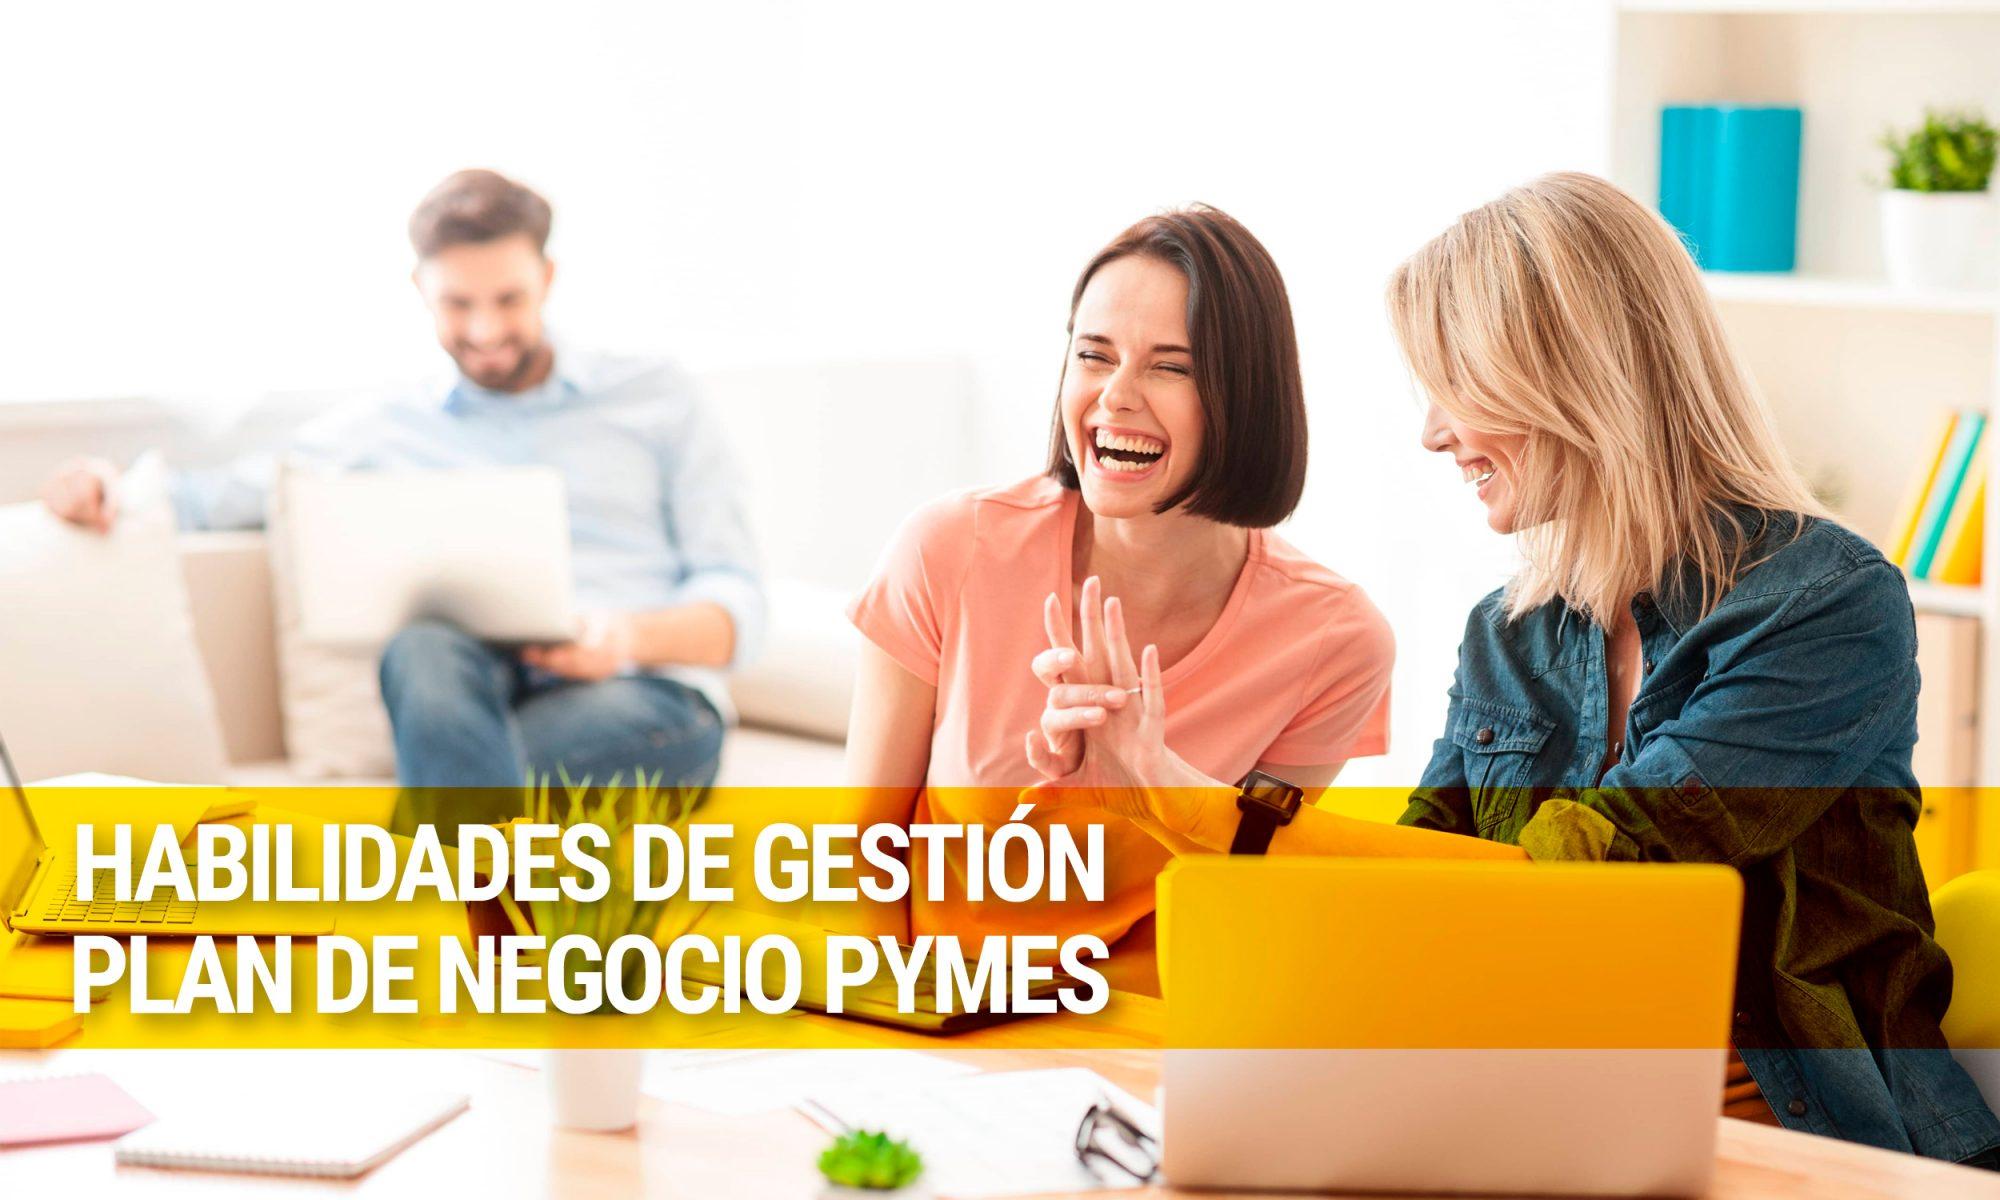 Permalink to:CURSO HABILIDADES DE GESTIÓN PLAN DE NEGOCIO EN PYMES. Mairena del Aljarafe